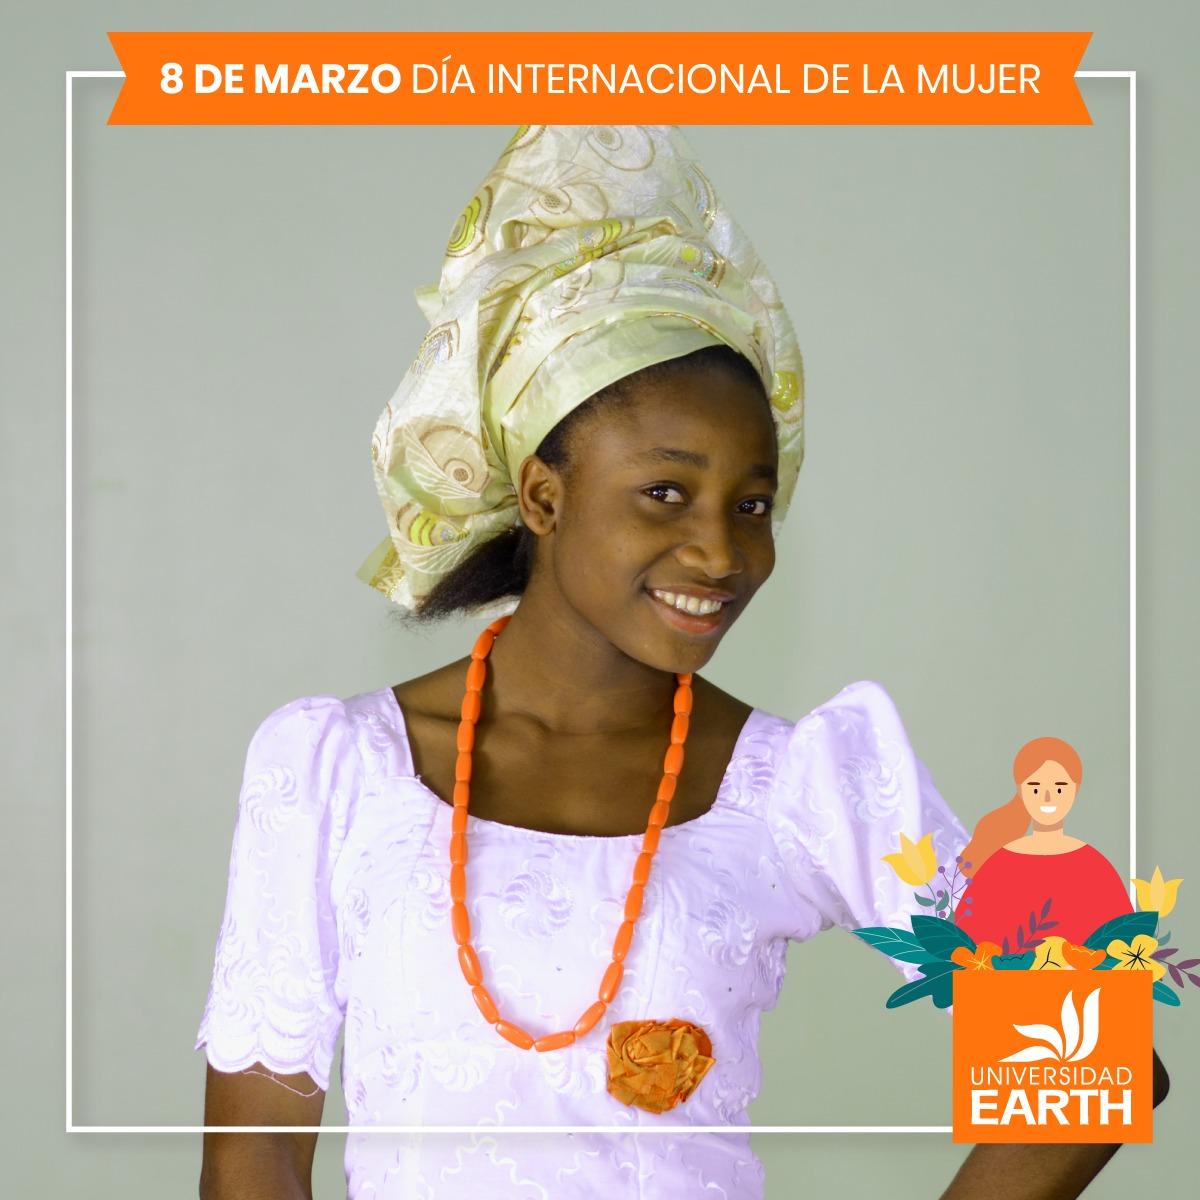 Blessing Chukwuaja (Promoción 2017, Nigeria)